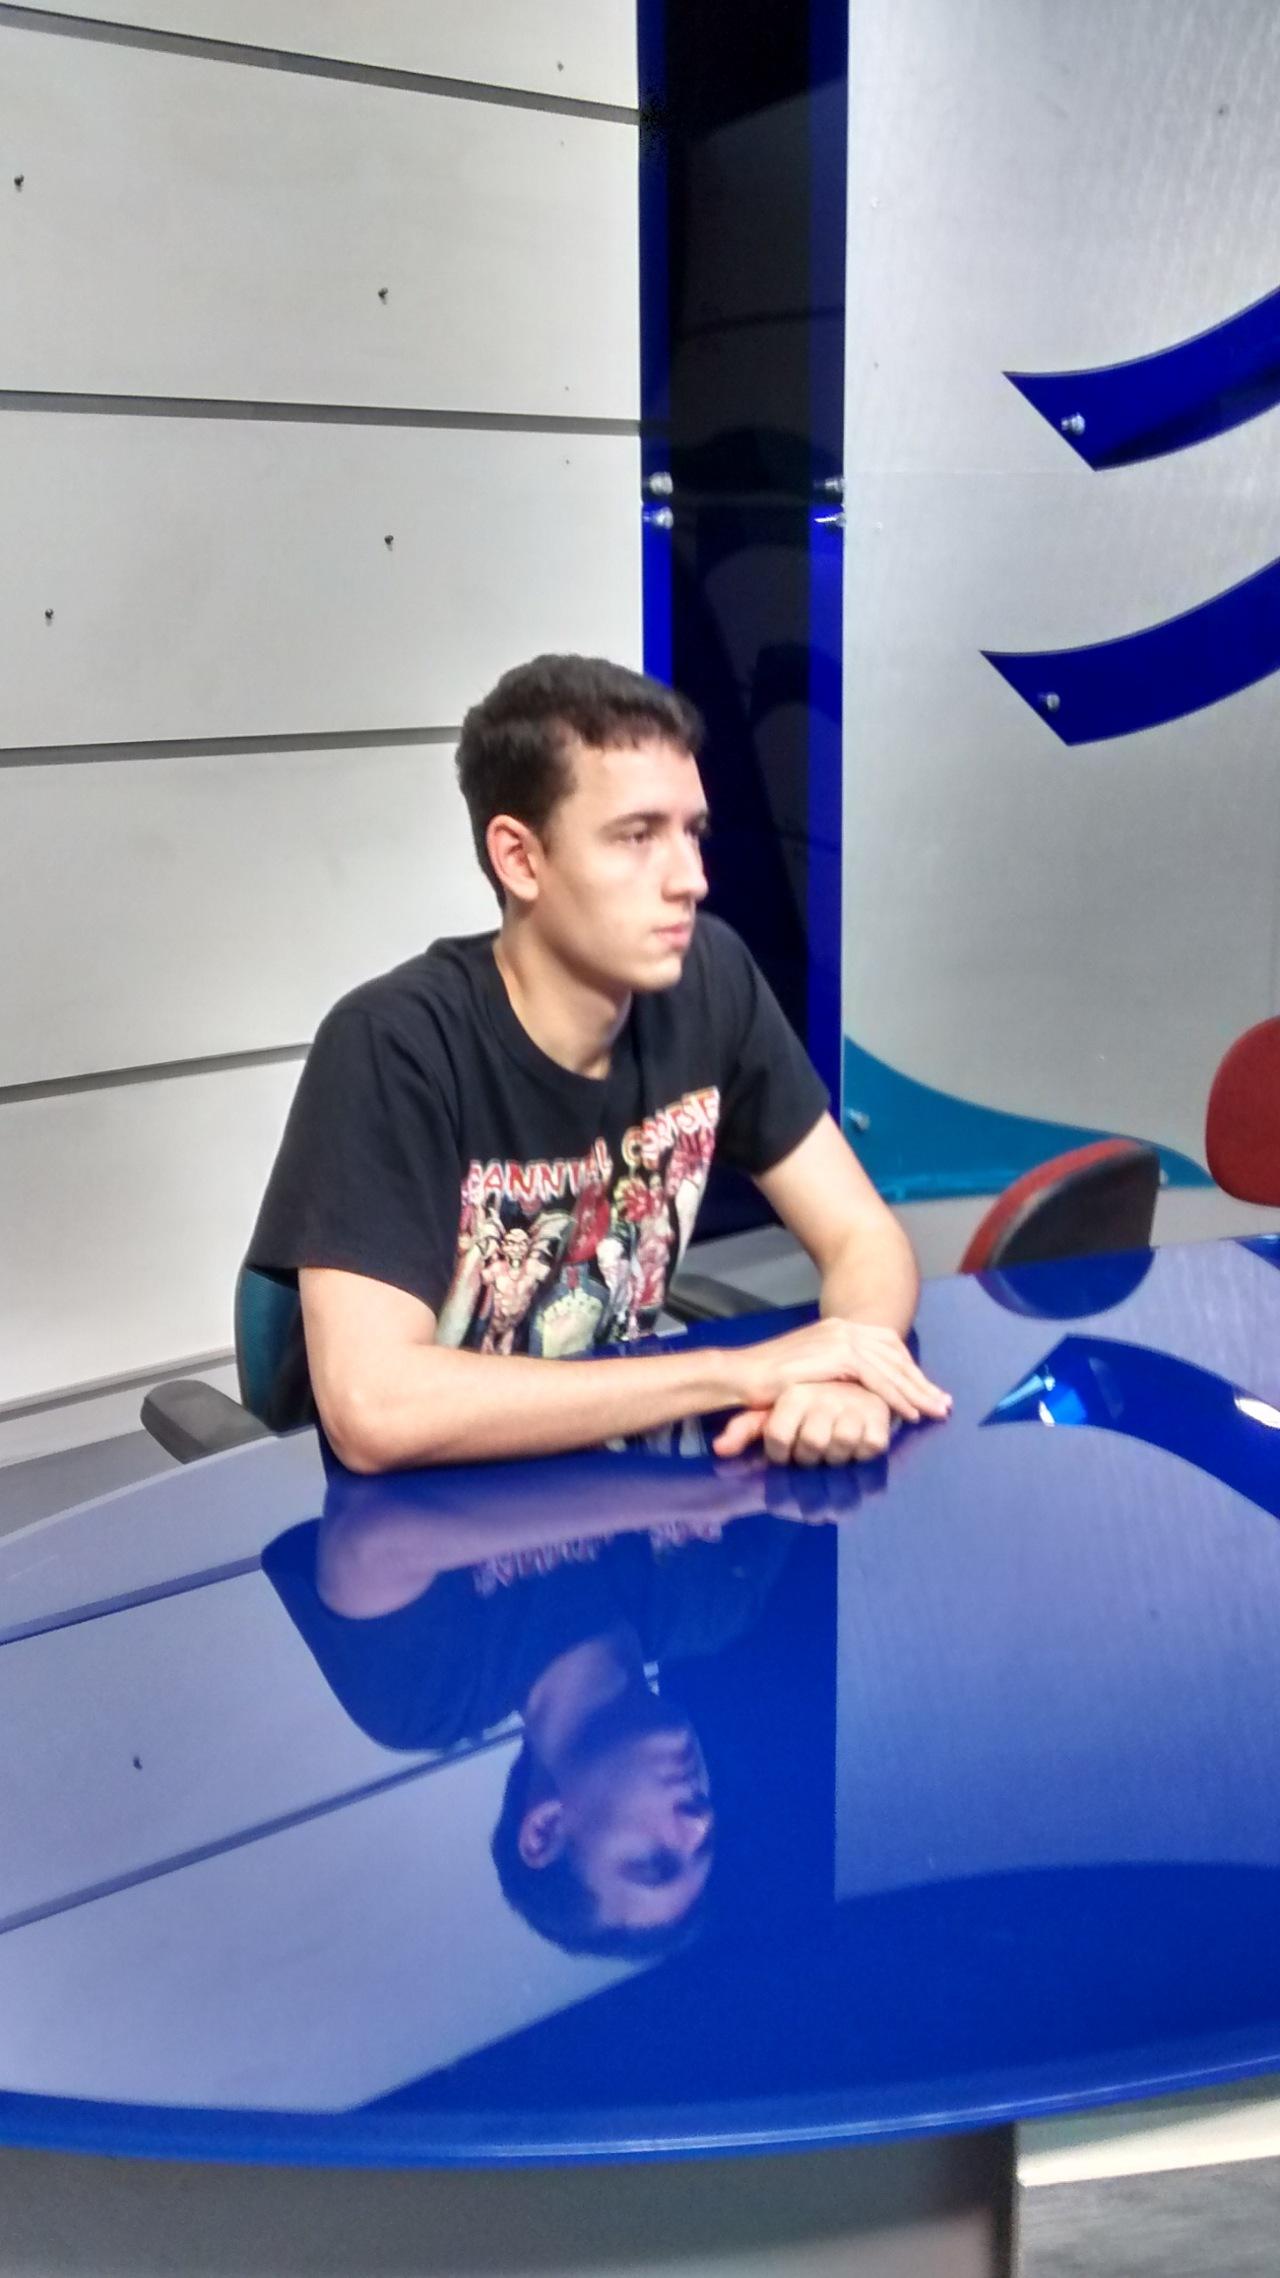 Leonardo Almeida